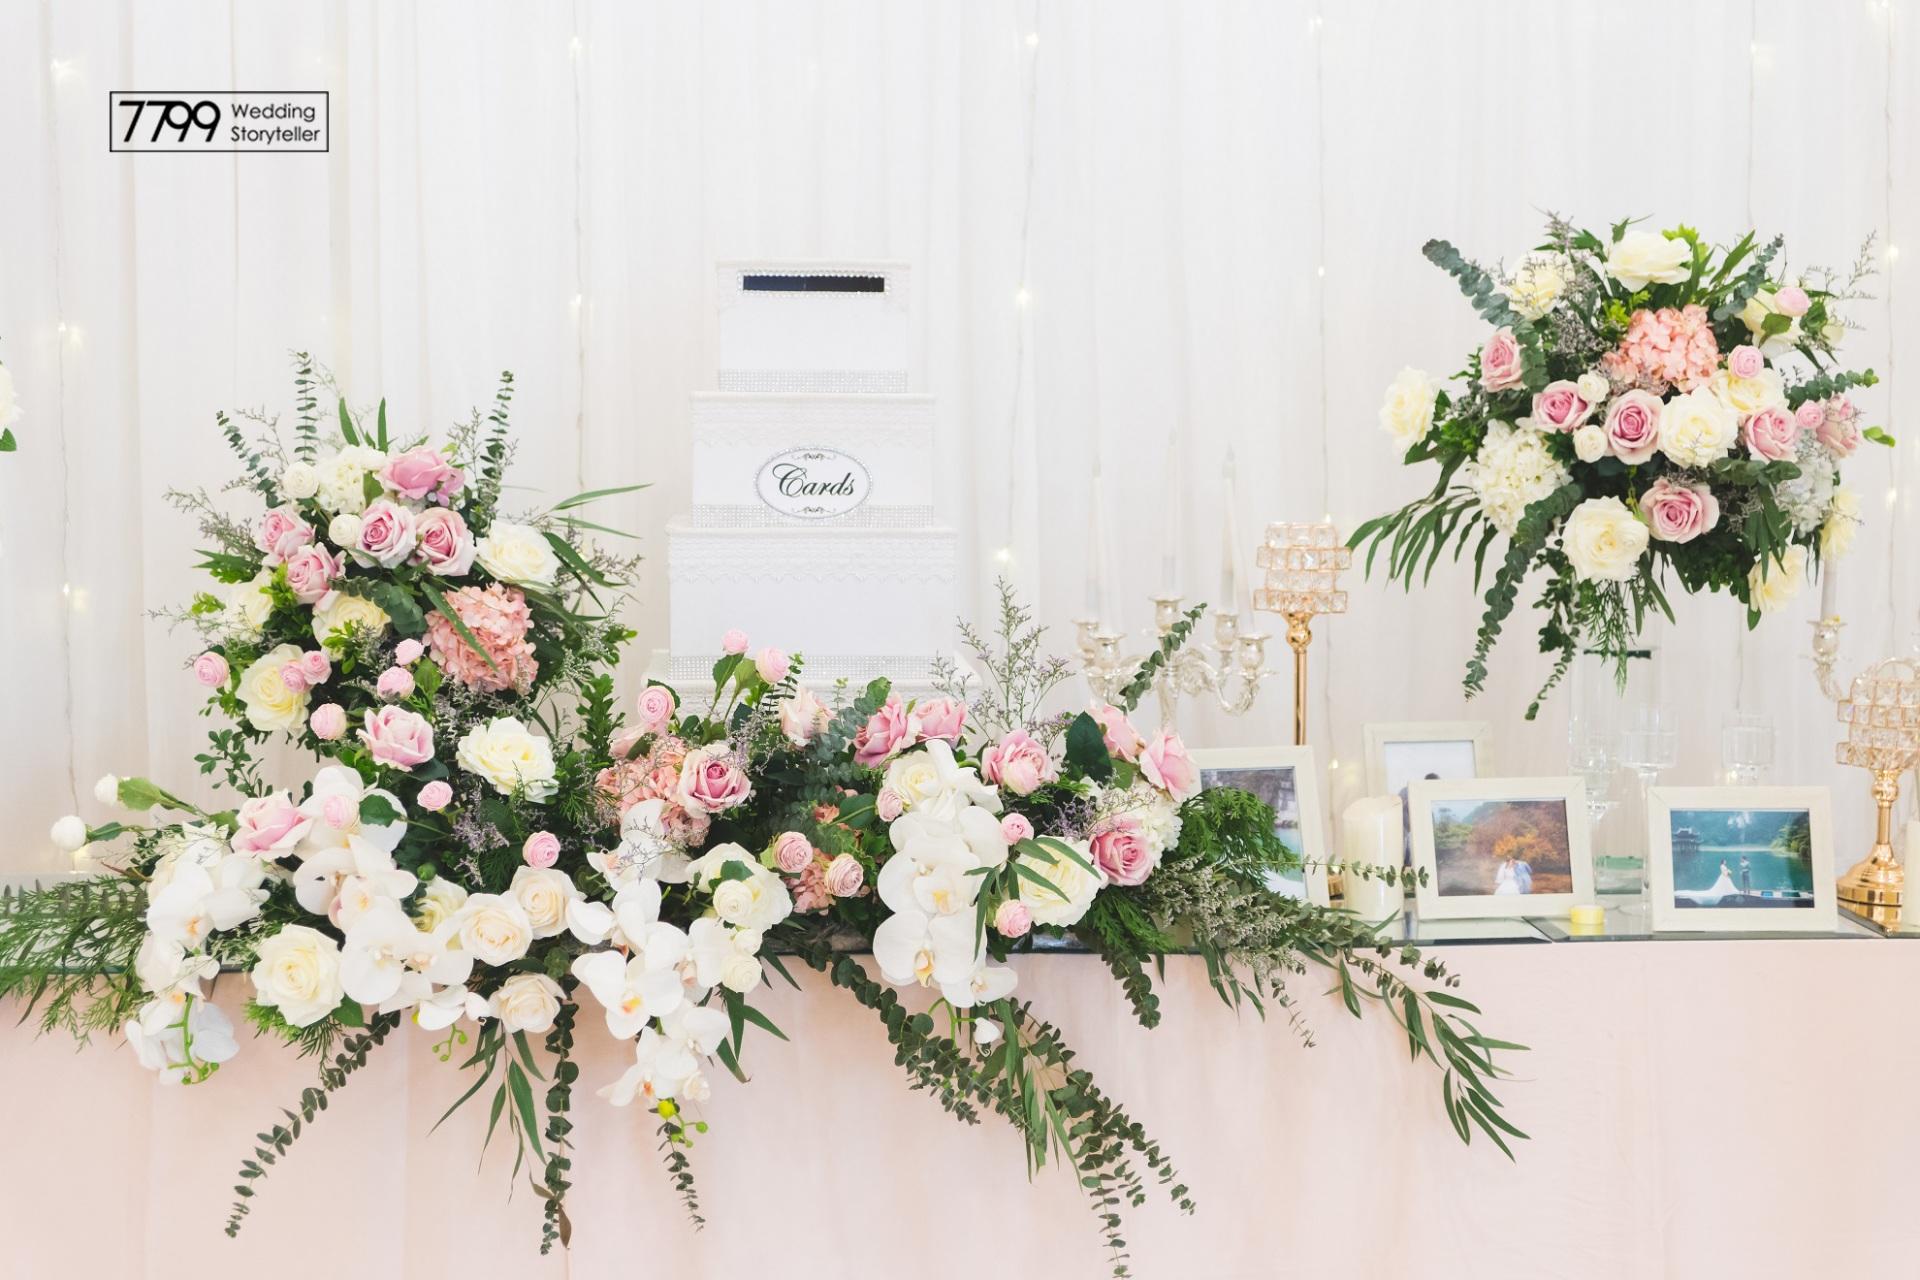 Dịch vụ trang trí bàn đón khách tiệc cưới cực đẹp và sáng tạo